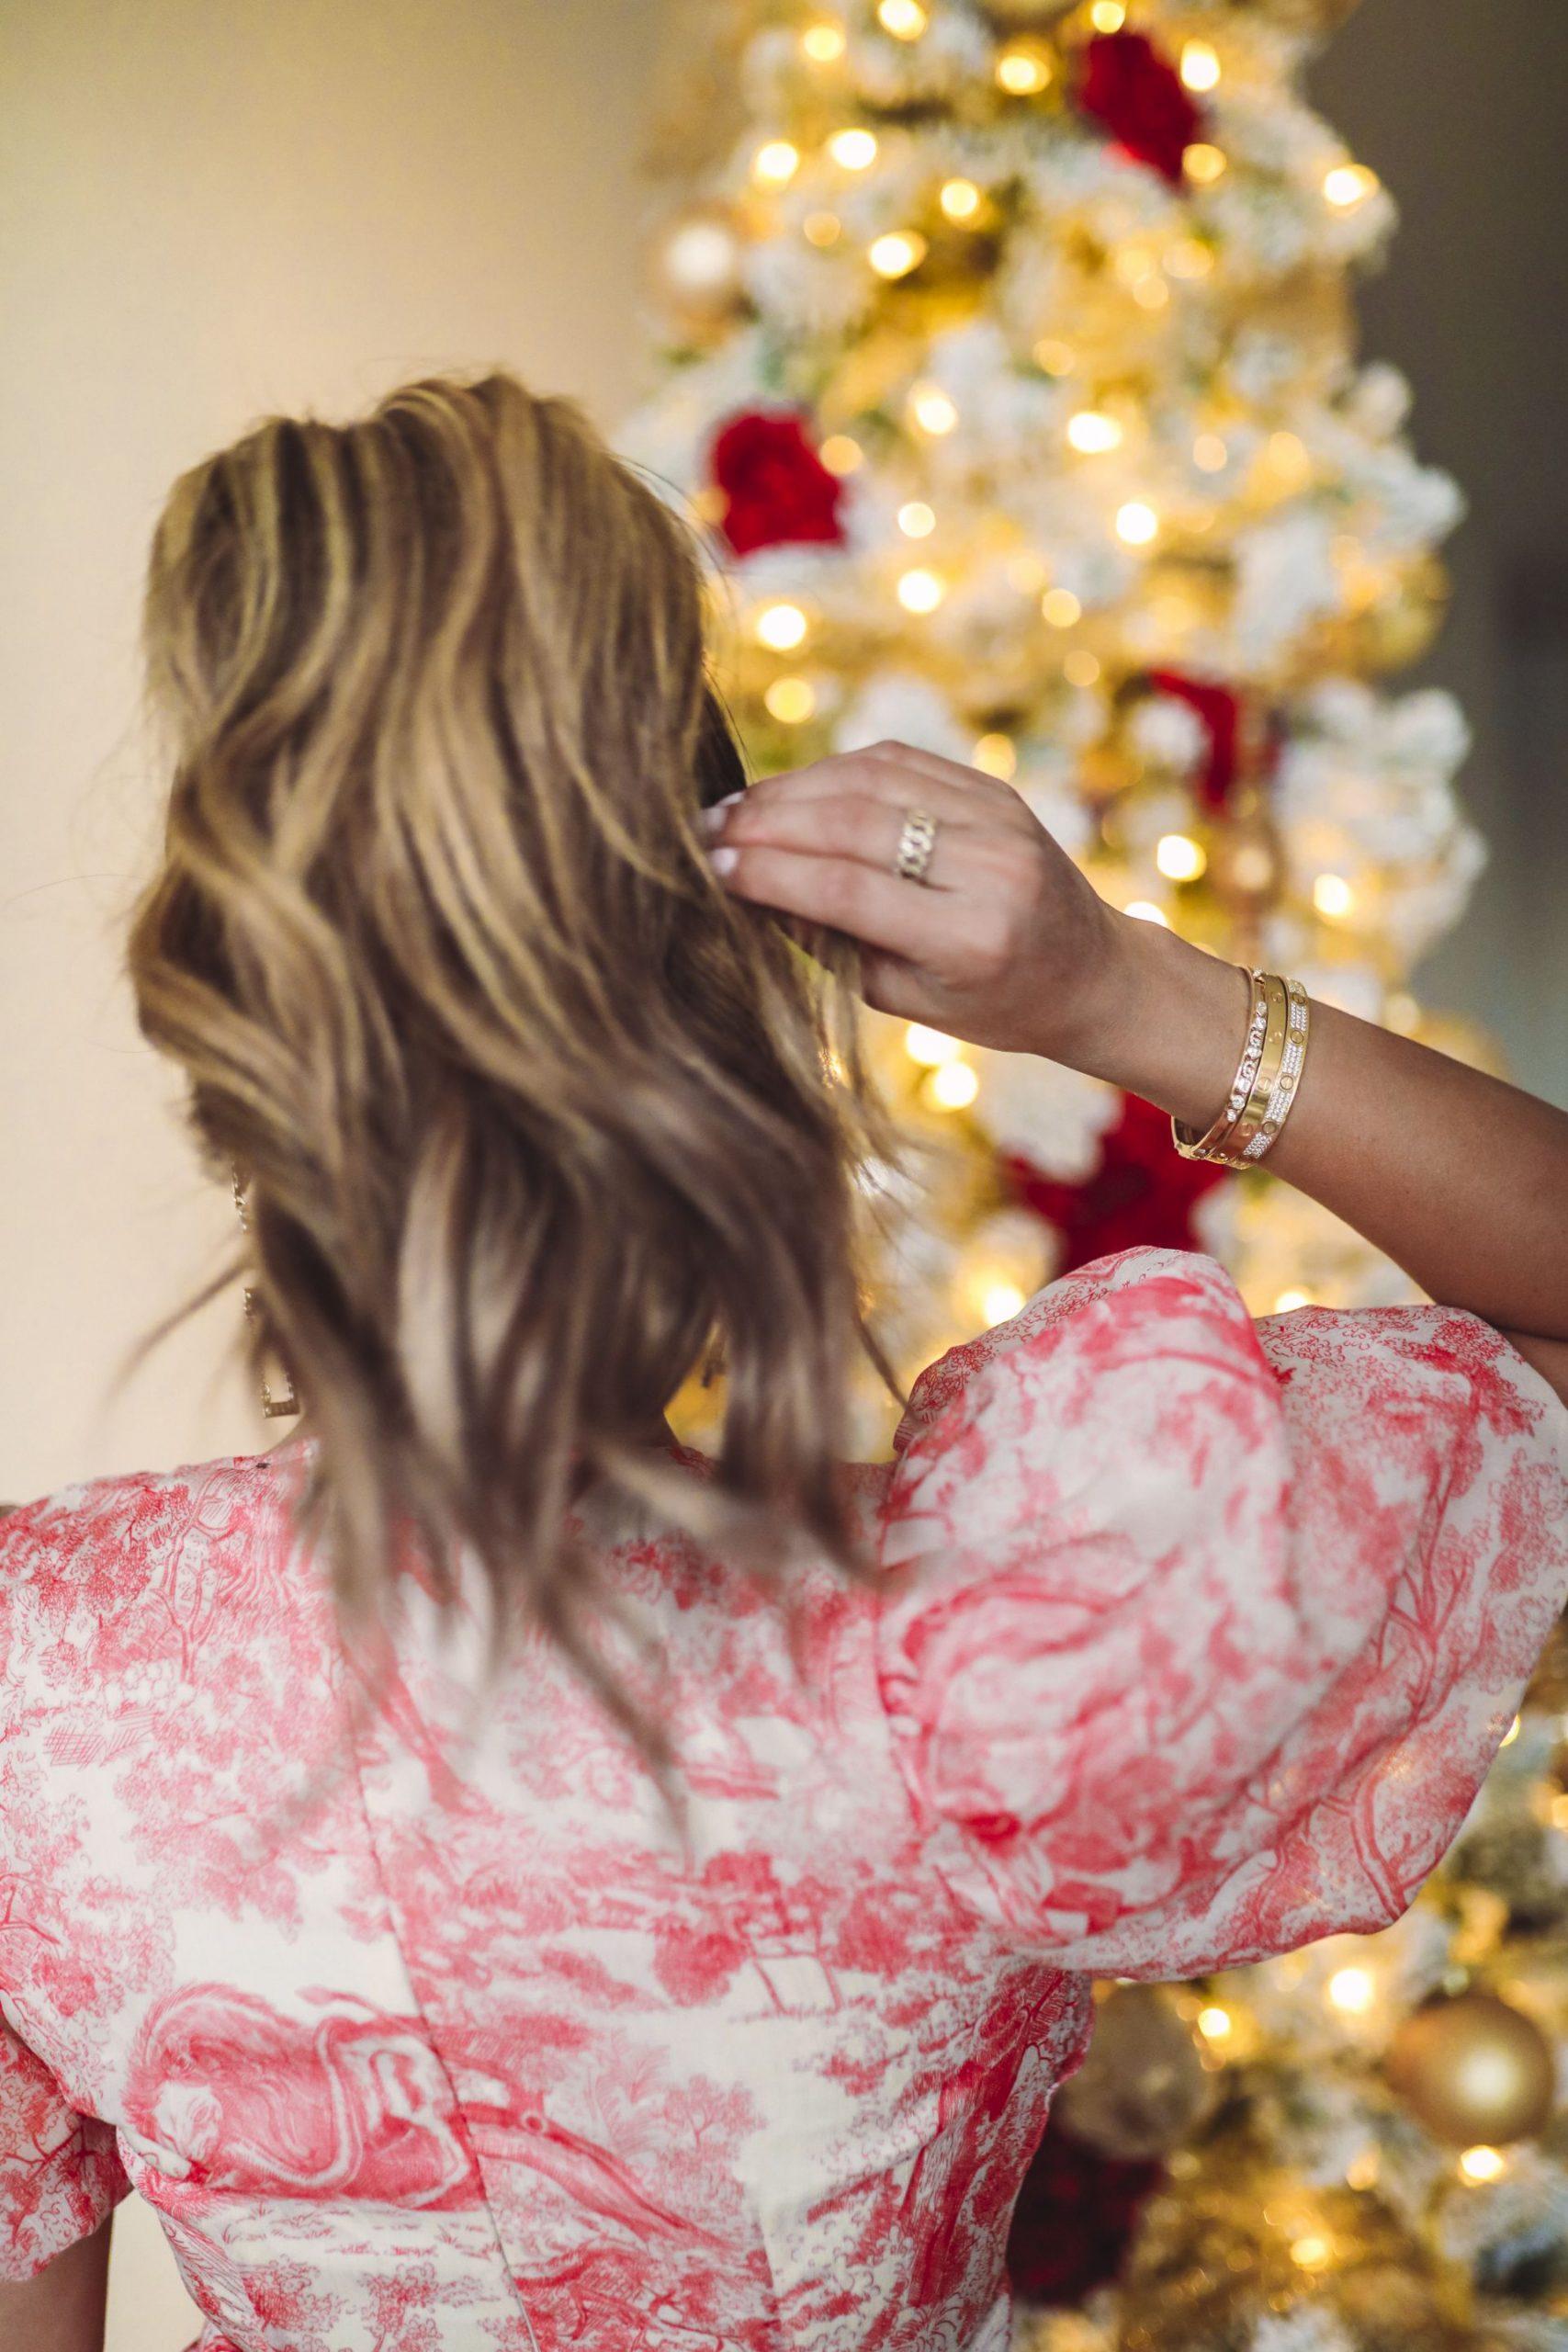 Stephanie Gottlieb, slider bracelet, gift ideas for her, gift guide for her, charm bracelet, charm bracelet gift ideas, personalized bracelet gifts, meaningful bracelet gift idea, personalized jewelry gifts, best personalized jewelry, simple charm bracelet gift idea, best instagram jewelry, cartier bracelet stack, slider bracelet stack, personalized jewelry, diamond affordable bracelet